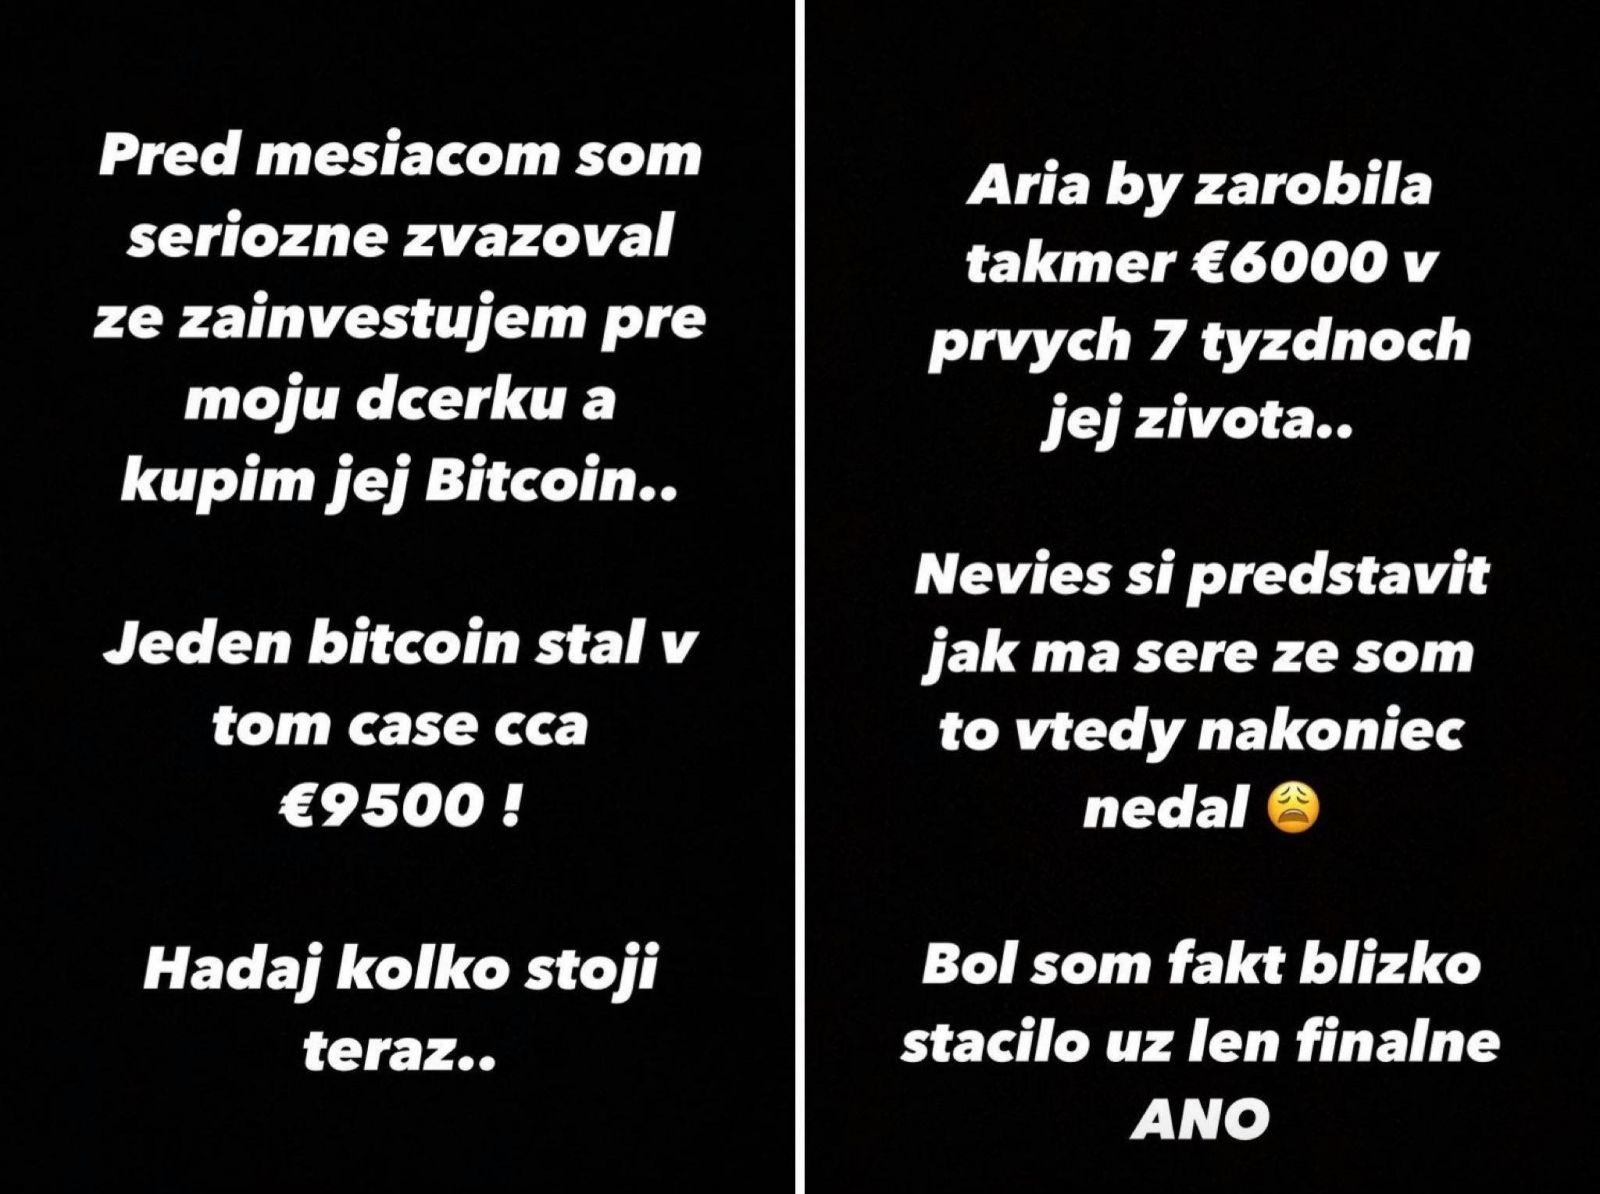 Majk Spirit chcel svojej dcére kúpiť pred mesiacom bitcoin: Dnes ľutuje, že tak nespravil